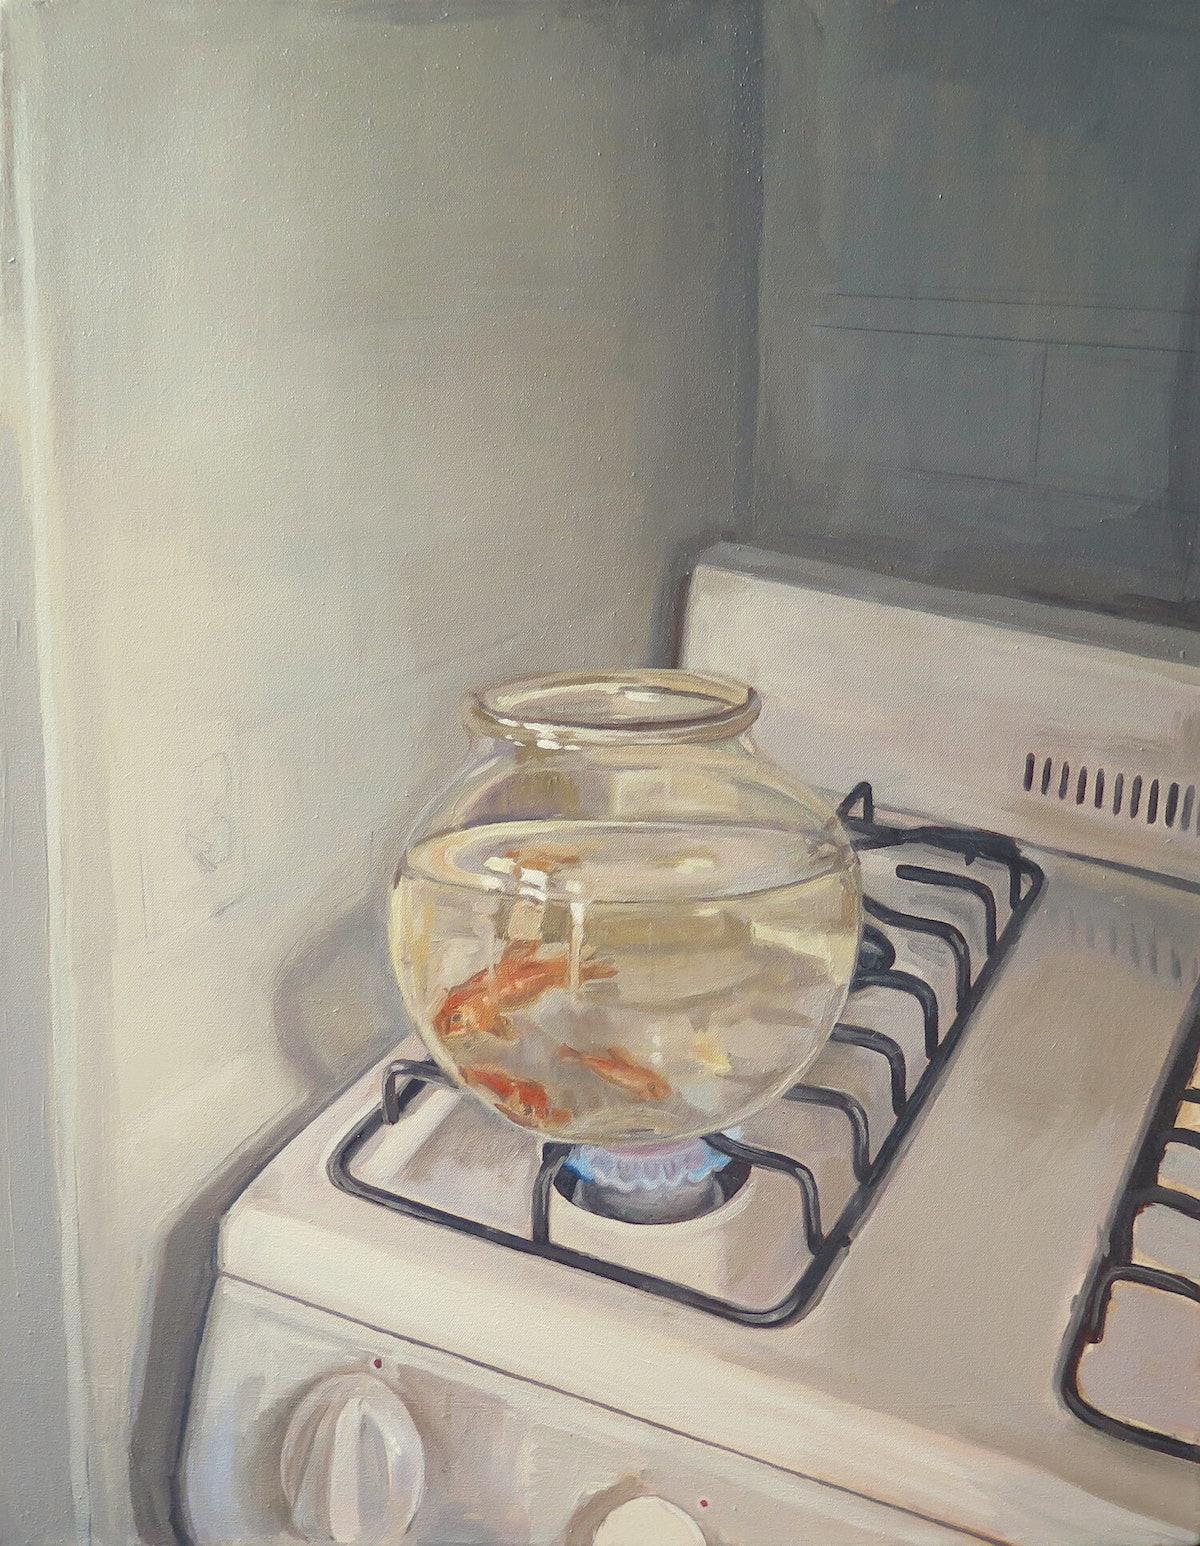 نقاشی یک کاسه ماهی قرمز بر روی یک اجاق گاز روشن توسط Shannon Cartier Lucy